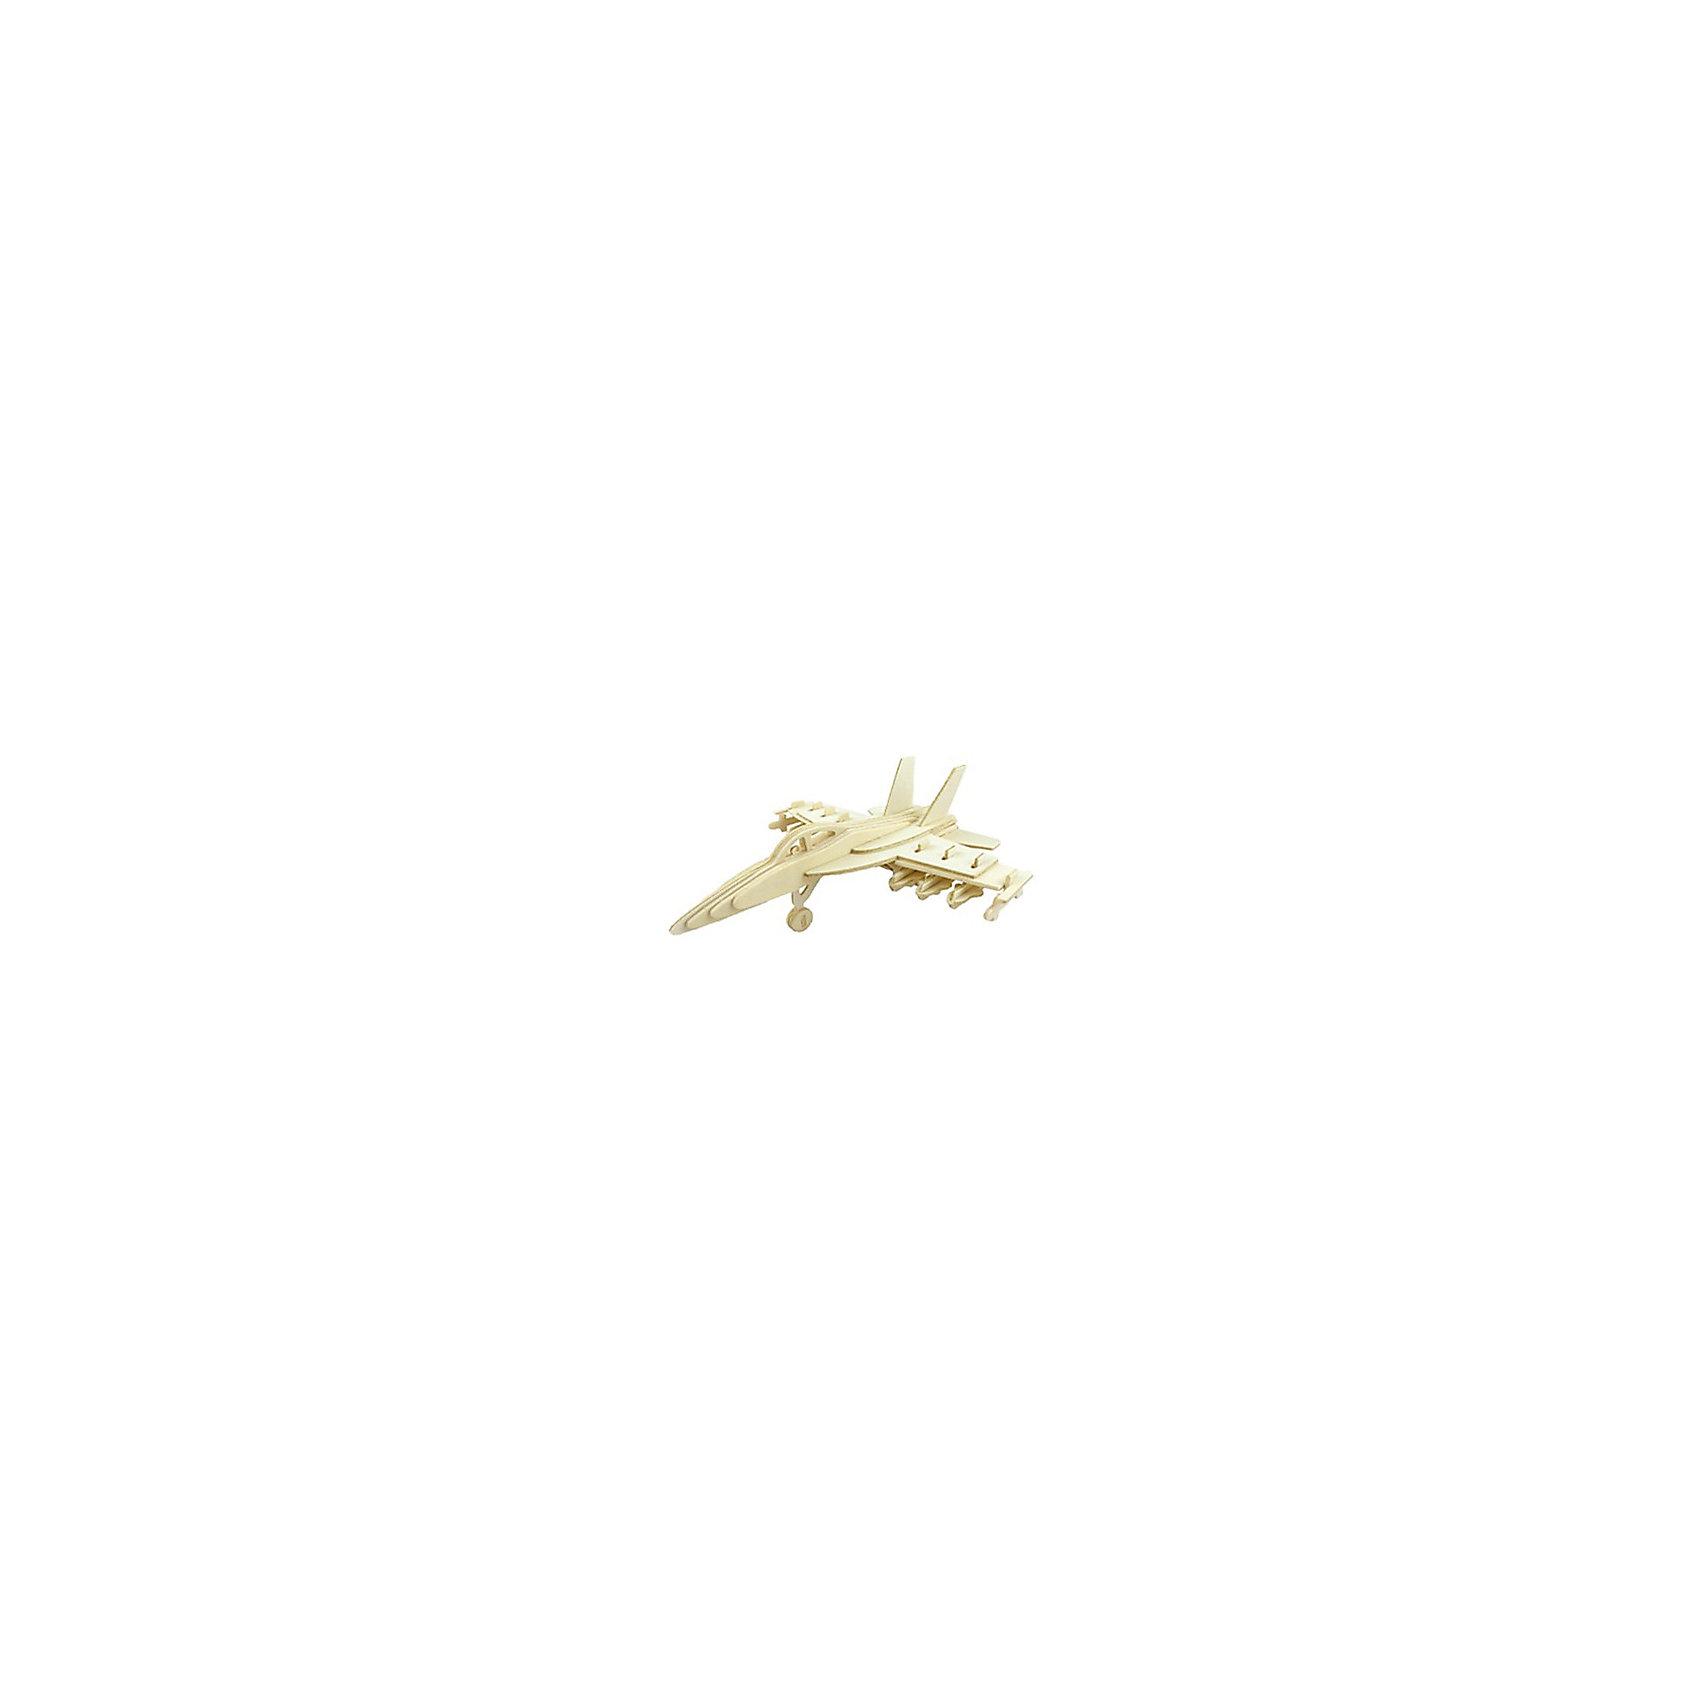 Самолет Су-27, Мир деревянных игрушекРукоделие<br>Отличный вариант подарка для любящего военную технику творческого ребенка - этот набор, из которого можно самому сделать красивую деревянную фигуру! Для этого нужно выдавить из пластины с деталями элементы для сборки и соединить их. Из наборов получаются красивые очень реалистичные игрушки, которые могут стать украшением комнаты.<br>Собирая их, ребенок будет развивать пространственное мышление, память и мелкую моторику. А раскрашивая готовое произведение, дети научатся подбирать цвета и будут развивать художественные навыки. Этот набор произведен из качественных и безопасных для детей материалов - дерево тщательно обработано.<br><br>Дополнительная информация:<br><br>материал: дерево;<br>цвет: бежевый;<br>элементы: пластины с деталями для сборки, схема сборки;<br>размер упаковки: 23 х 18 см.<br><br>3D-пазл Самолет Су-27 от бренда Мир деревянных игрушек можно купить в нашем магазине.<br><br>Ширина мм: 350<br>Глубина мм: 50<br>Высота мм: 225<br>Вес г: 450<br>Возраст от месяцев: 36<br>Возраст до месяцев: 144<br>Пол: Мужской<br>Возраст: Детский<br>SKU: 4969195